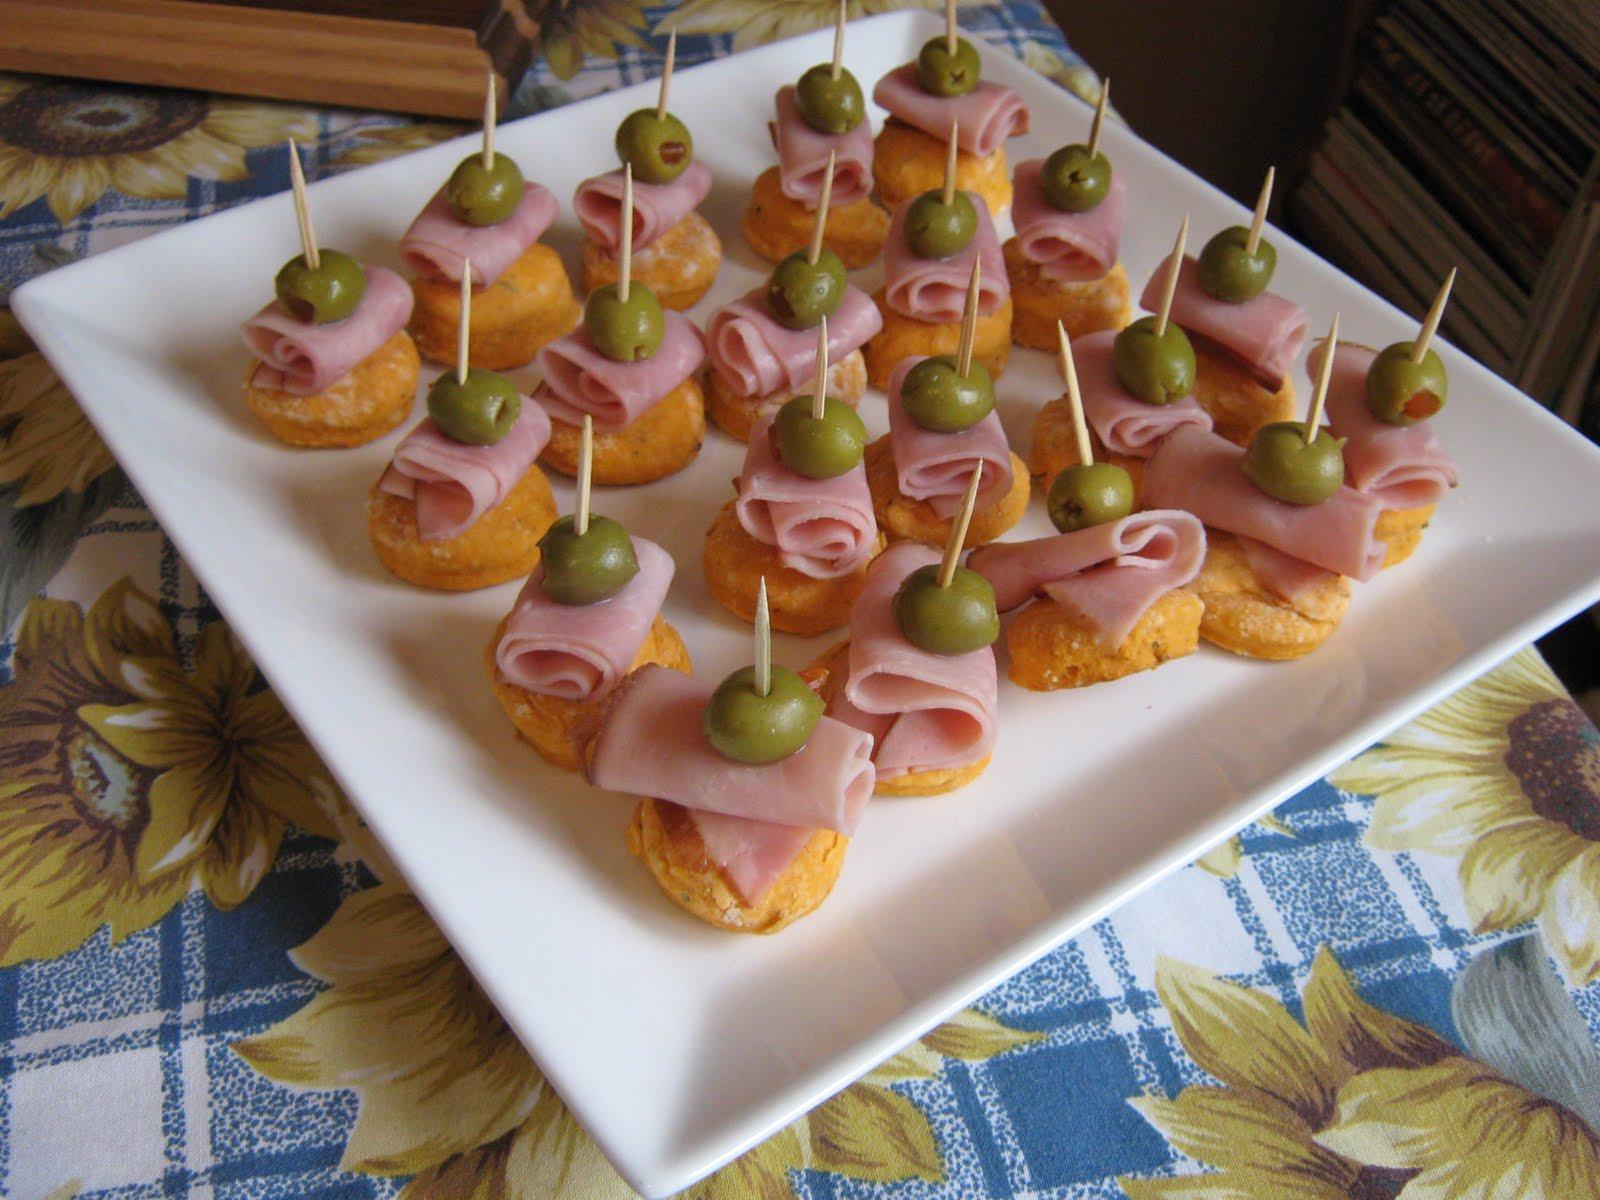 Les douceurs de genny canap s jambon olive sur petit biscuit for Canape au fromage